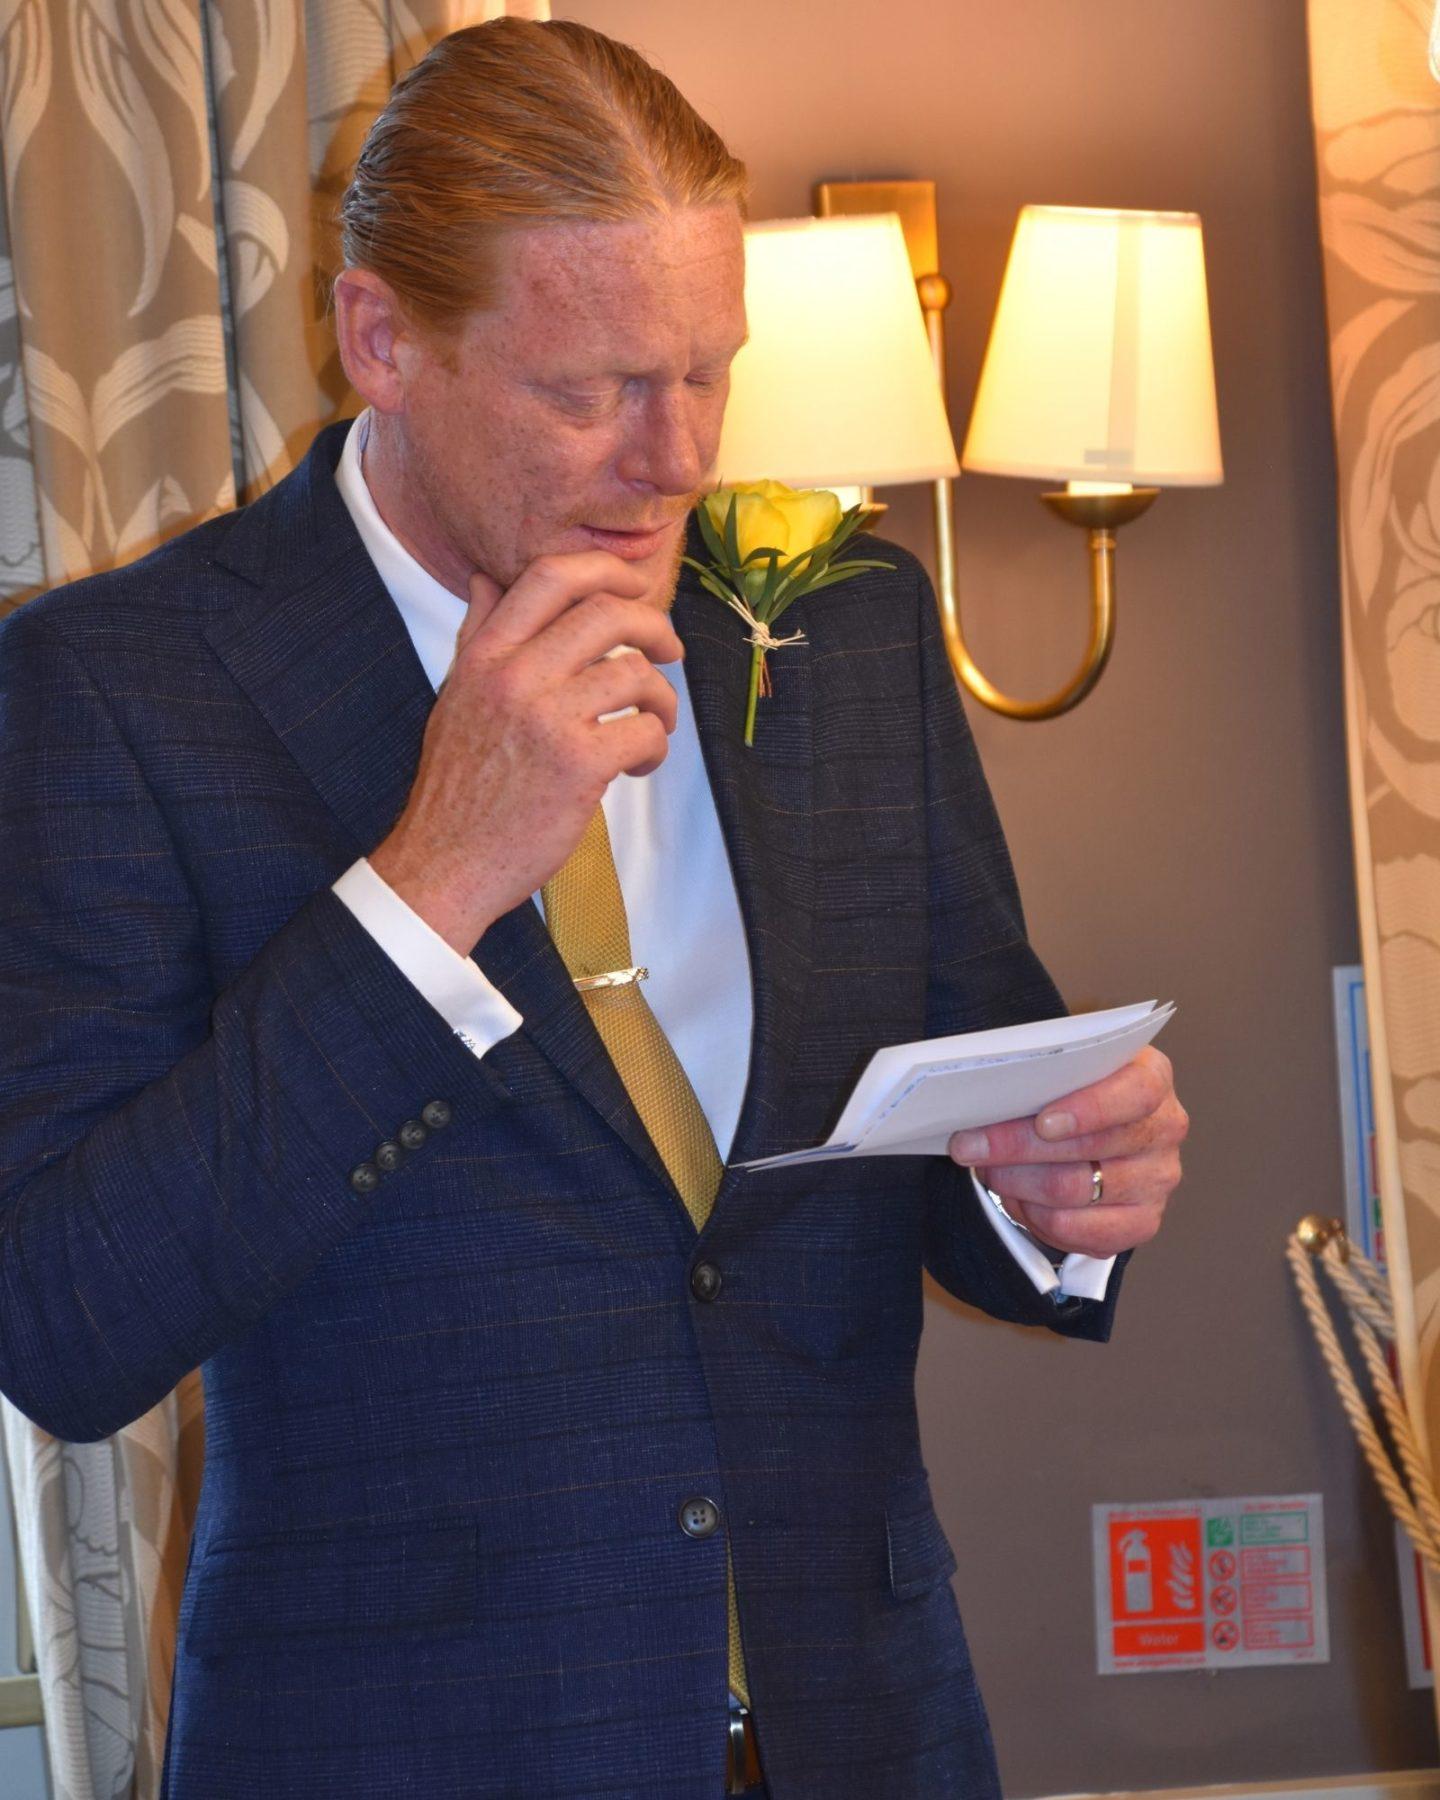 Estelle's husband Simon giving a speech at their wedding day